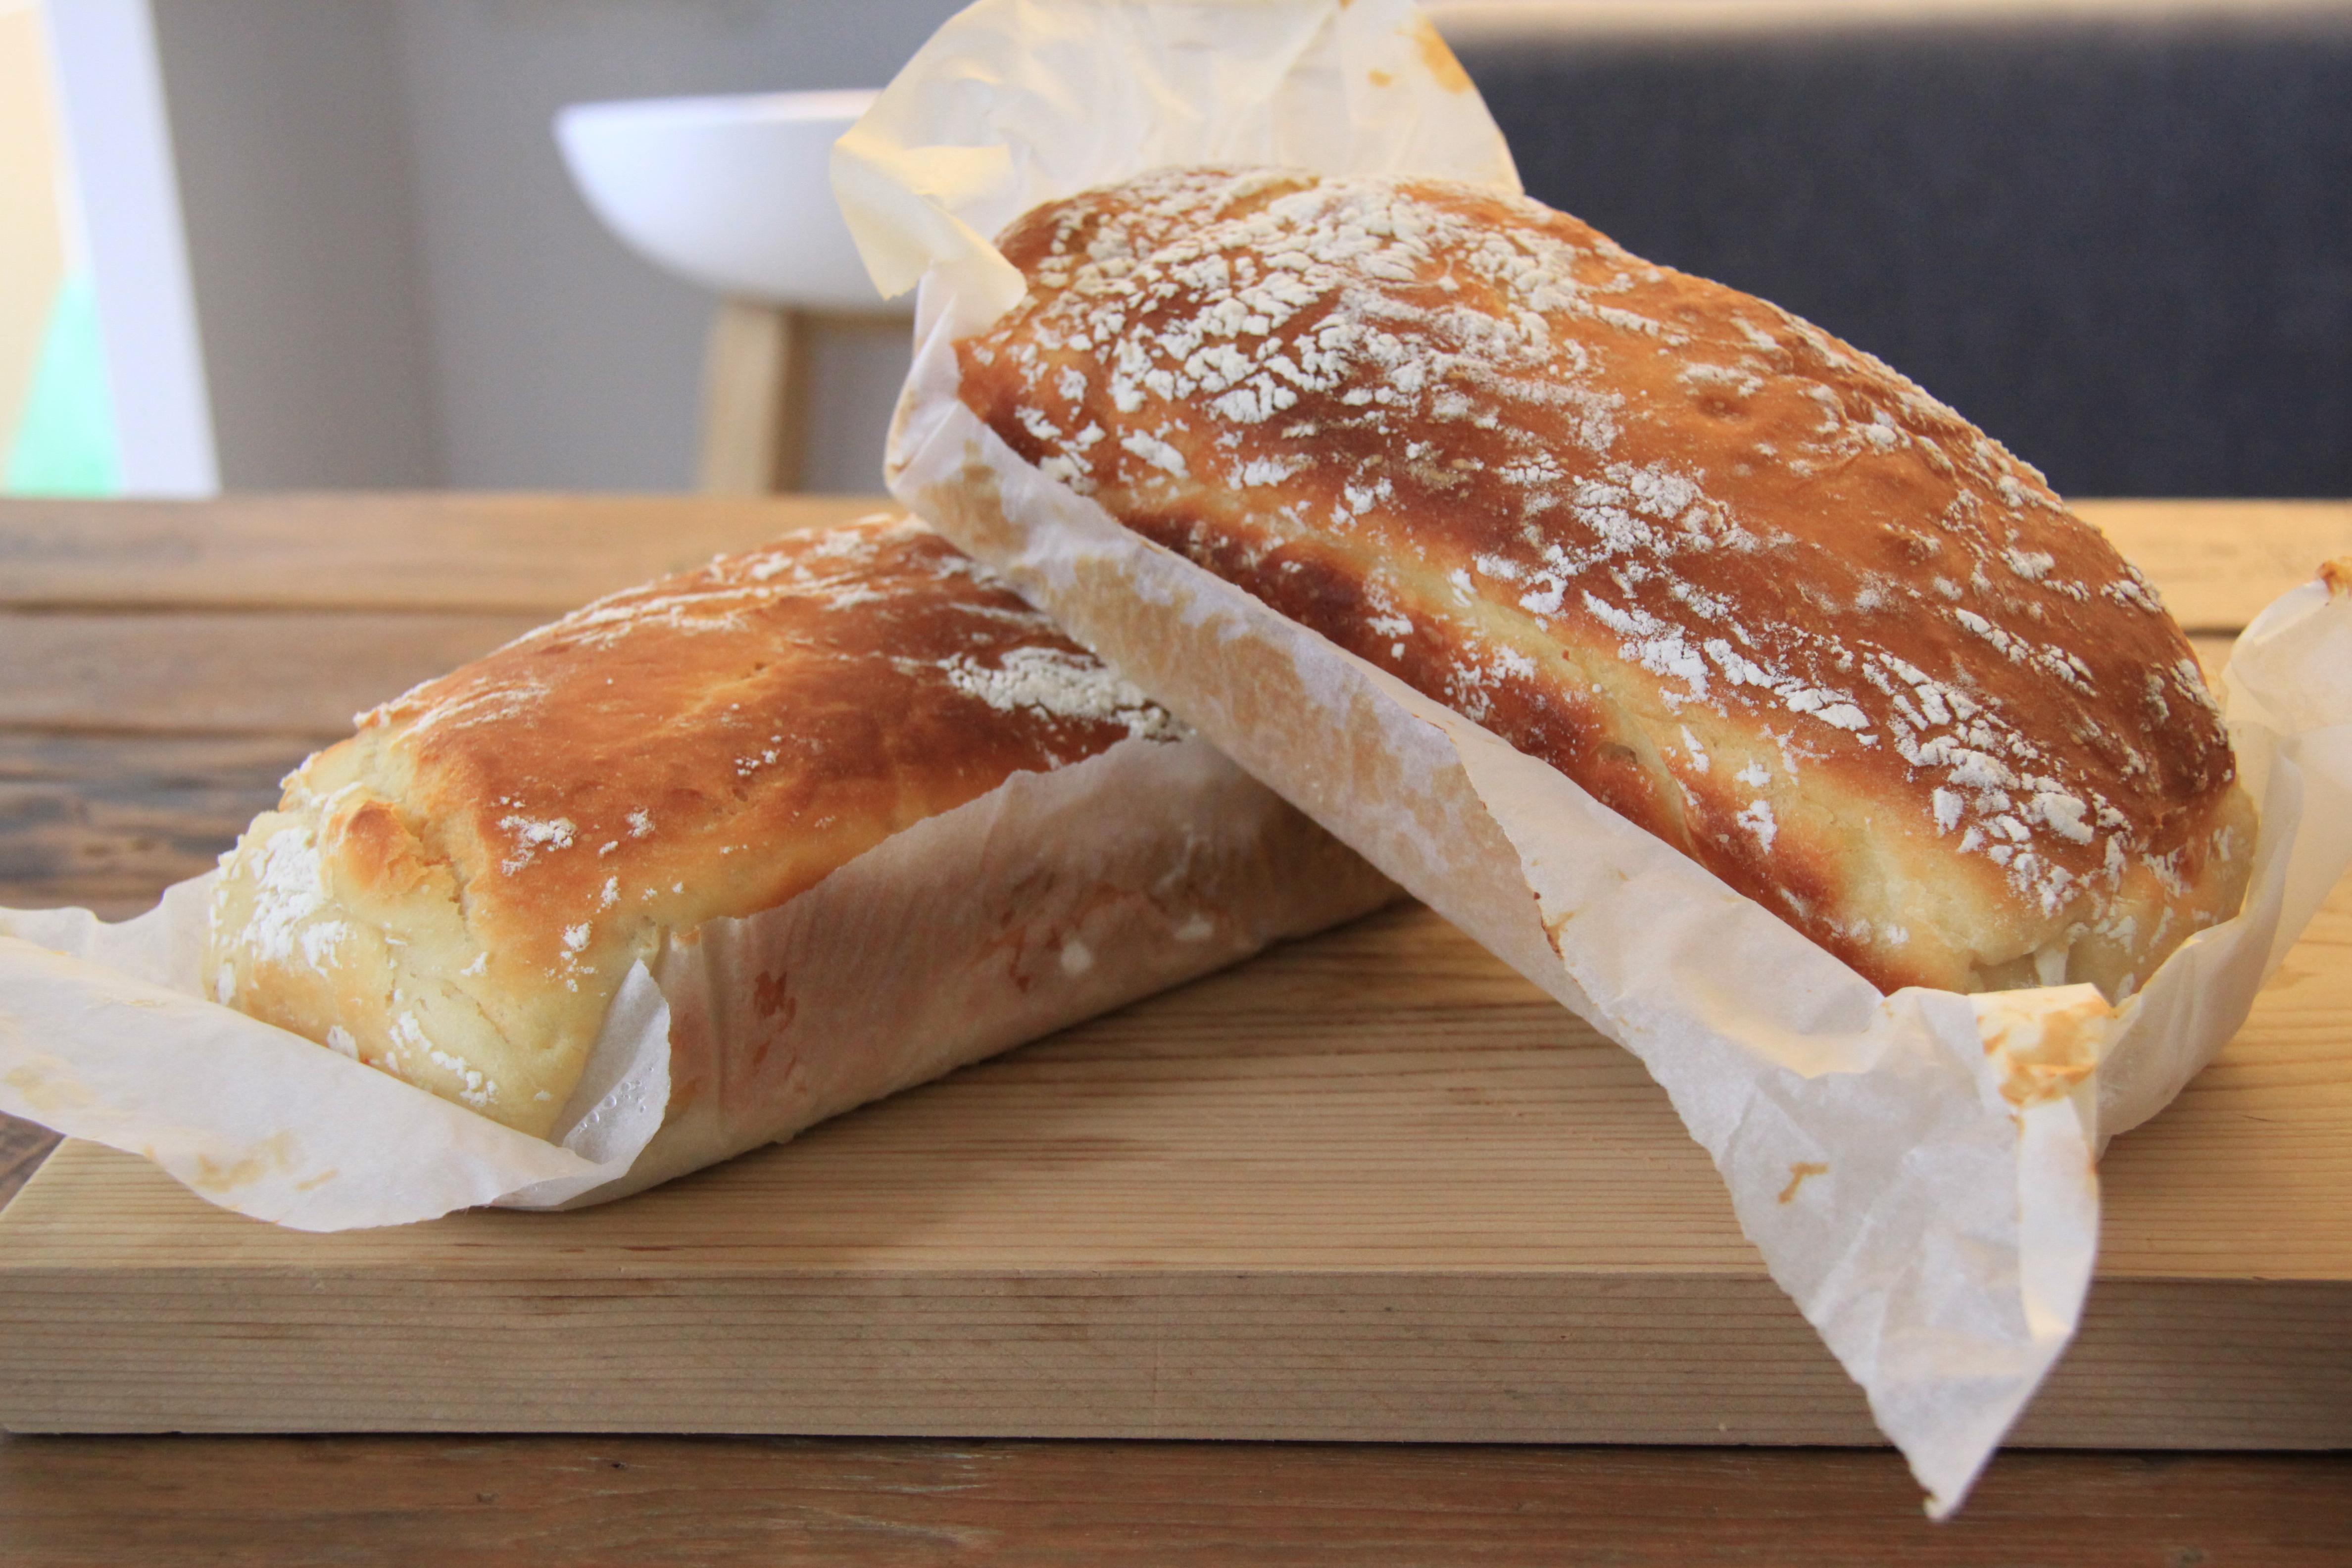 לחם מחמצת מהיר וקל להכנה